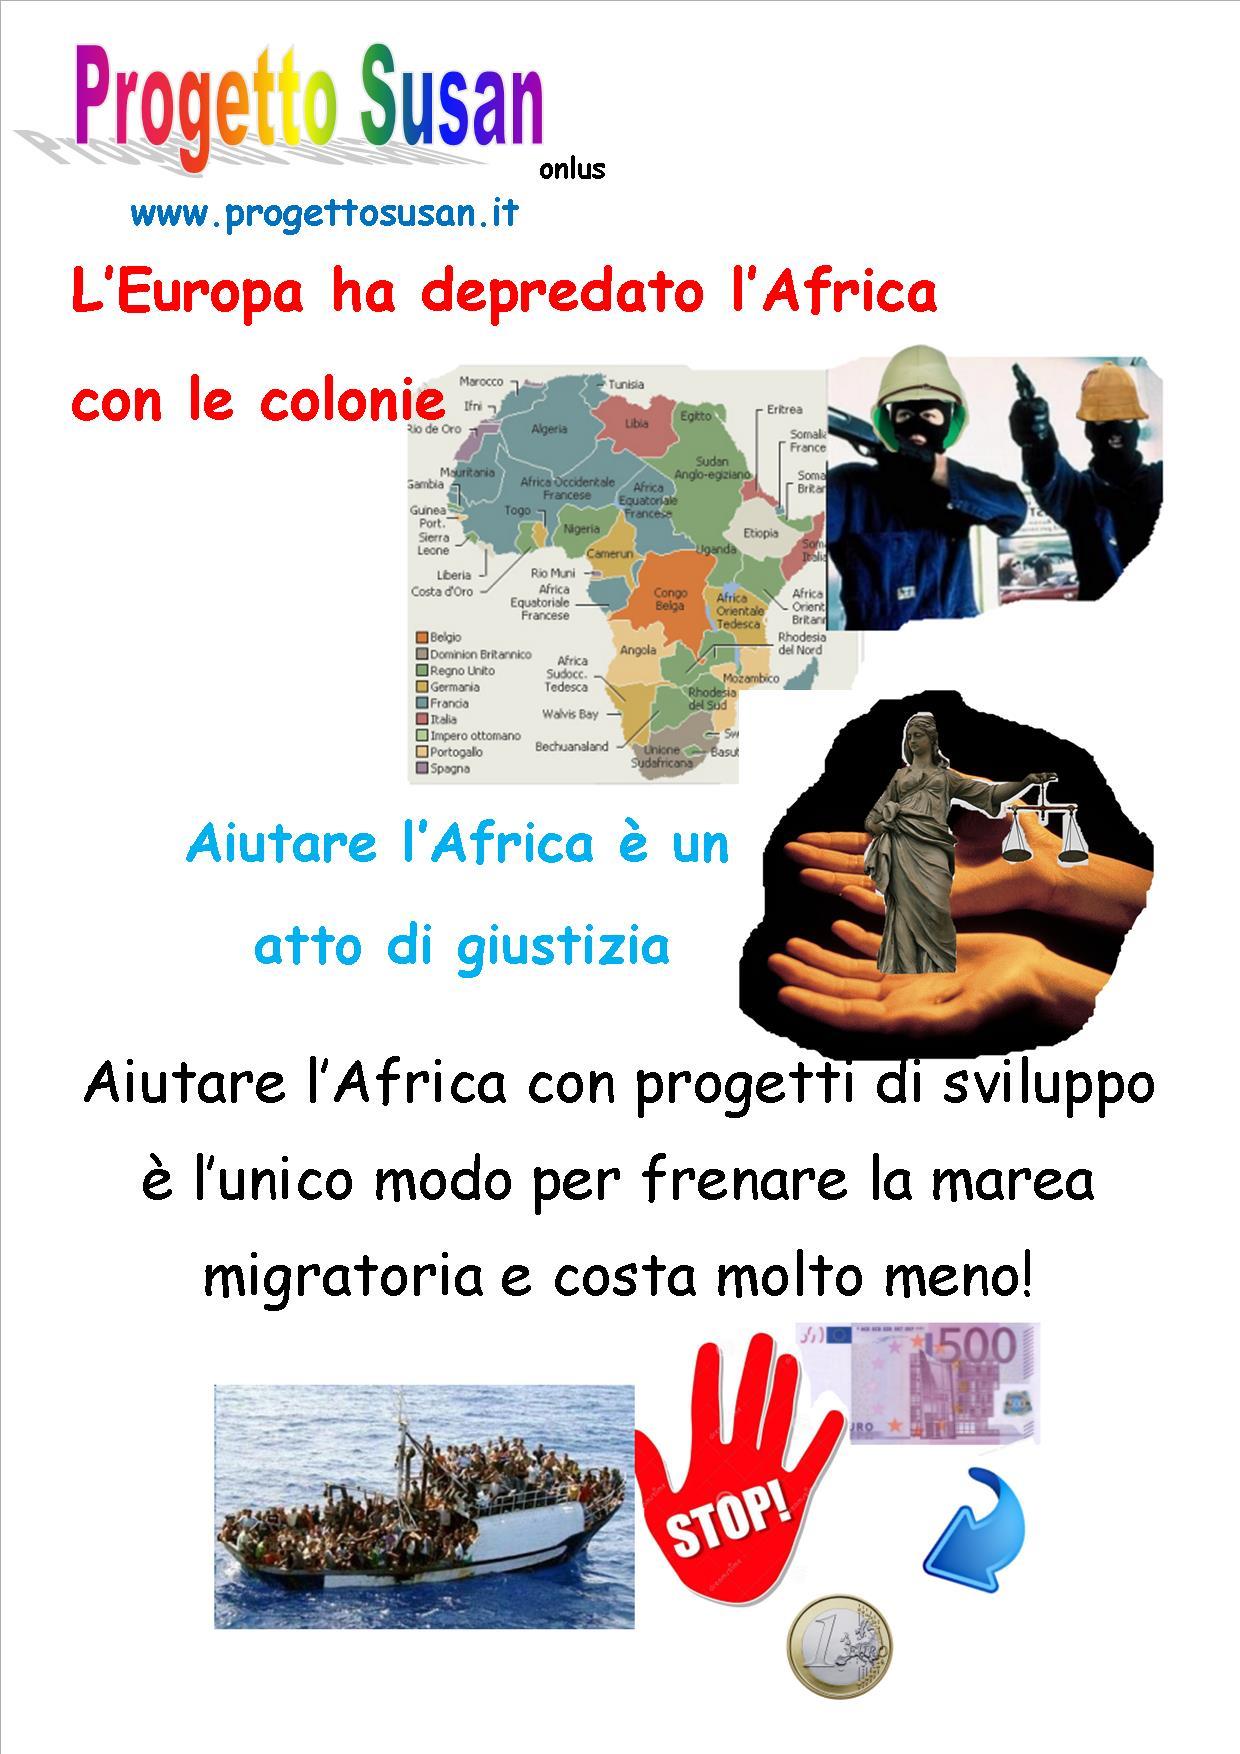 La nostra filosofia: aiutare l'Africa è un atto di giustizia